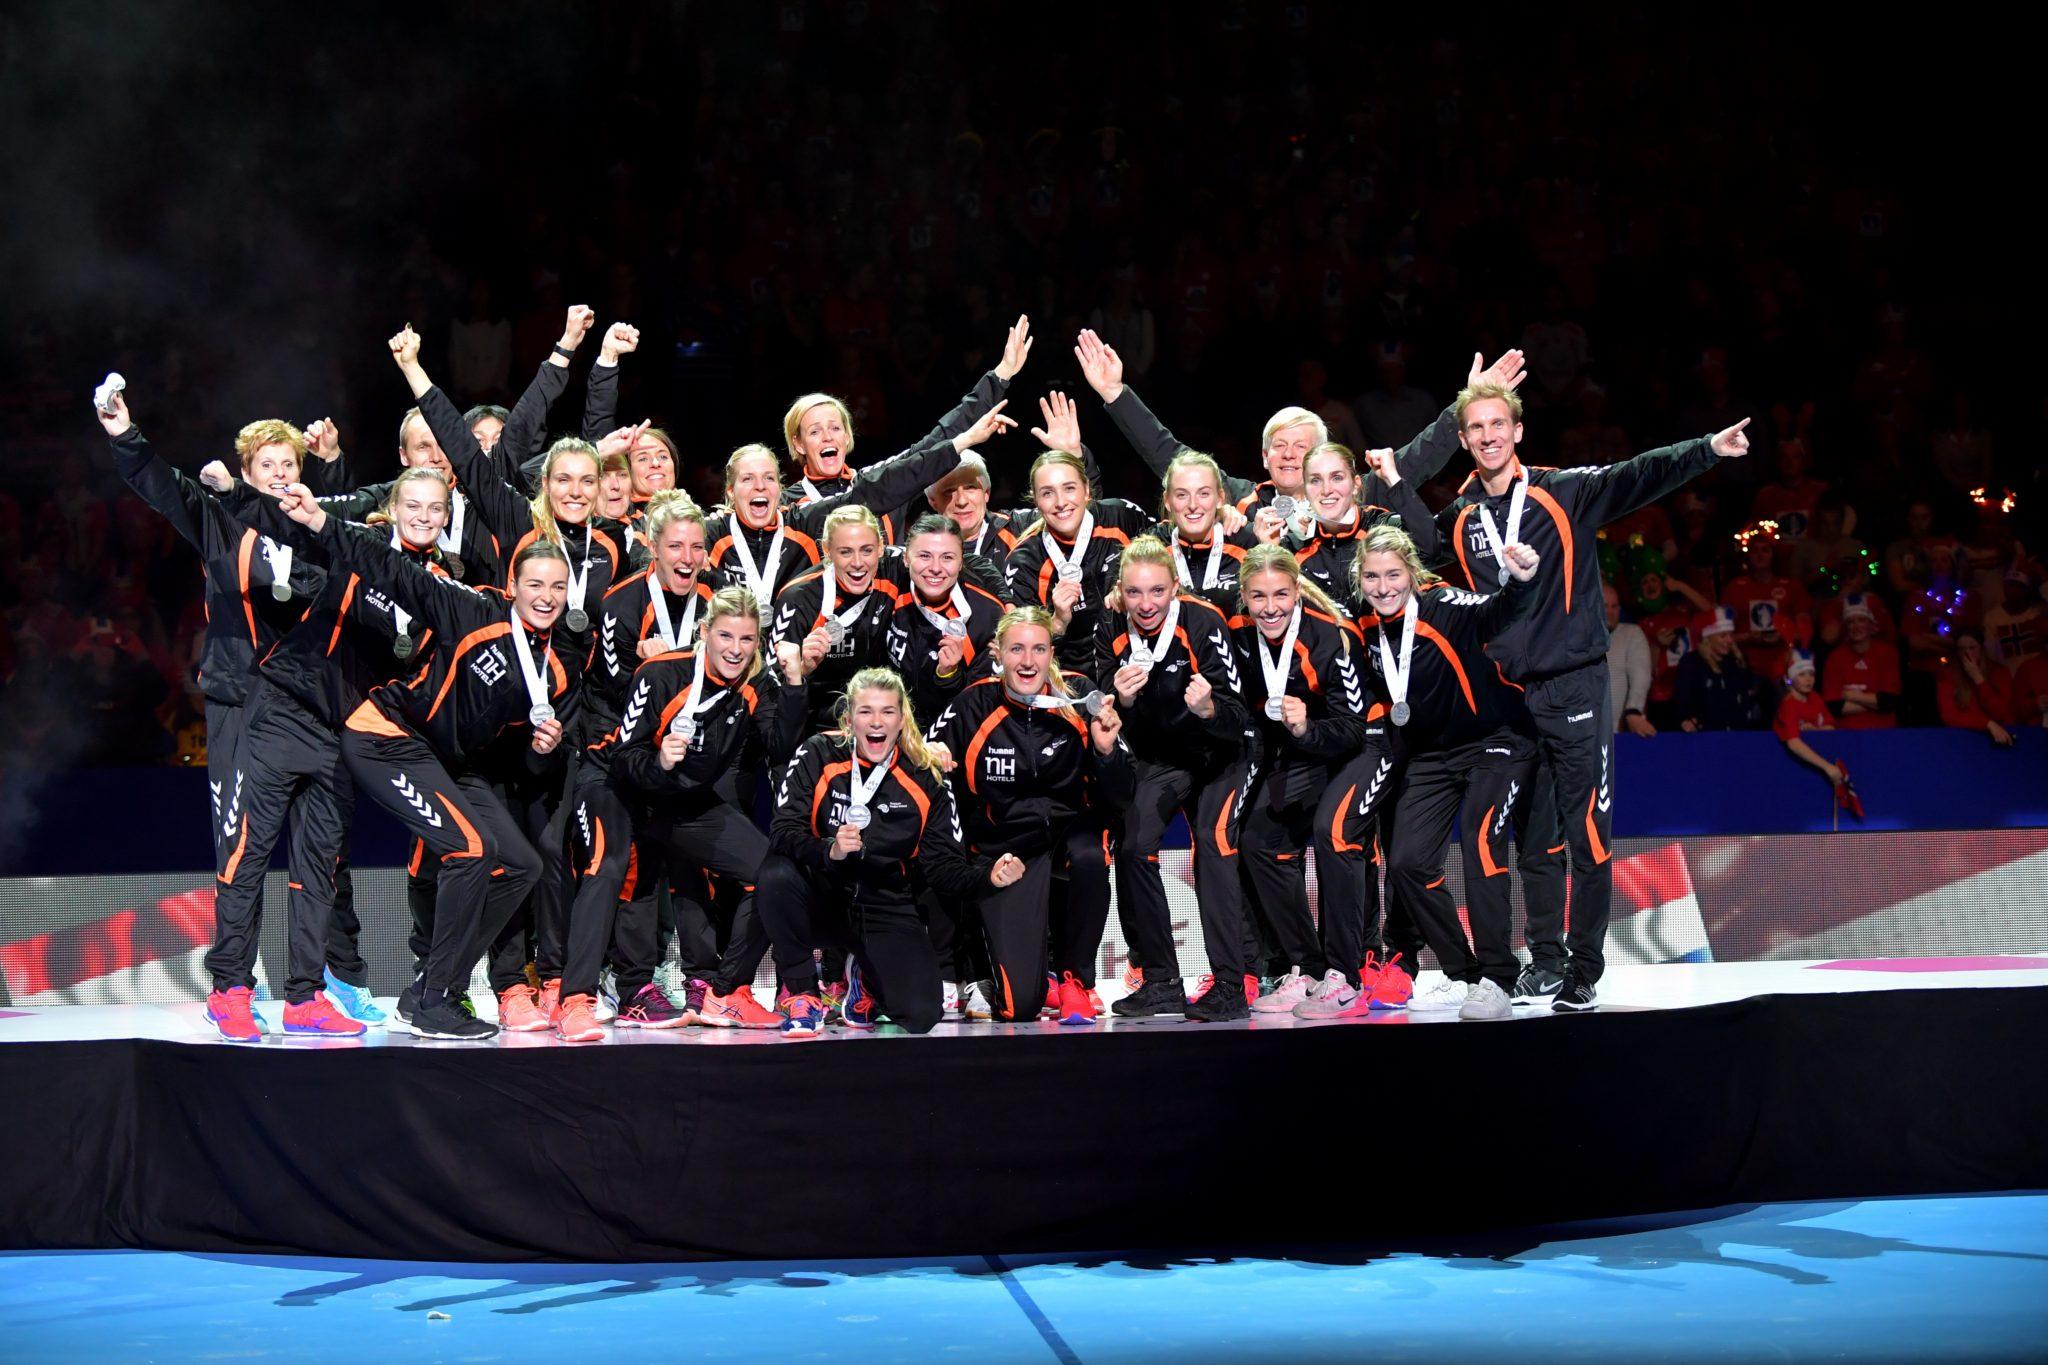 18-12-2016 HANDBAL:NEDERLAND-NOORWEGEN:GOTEBORG Dames EK Handbal In Zweden, FINALE NEDERLAND - Noorwegen Zilveren Medaille  Foto: Henk Seppen